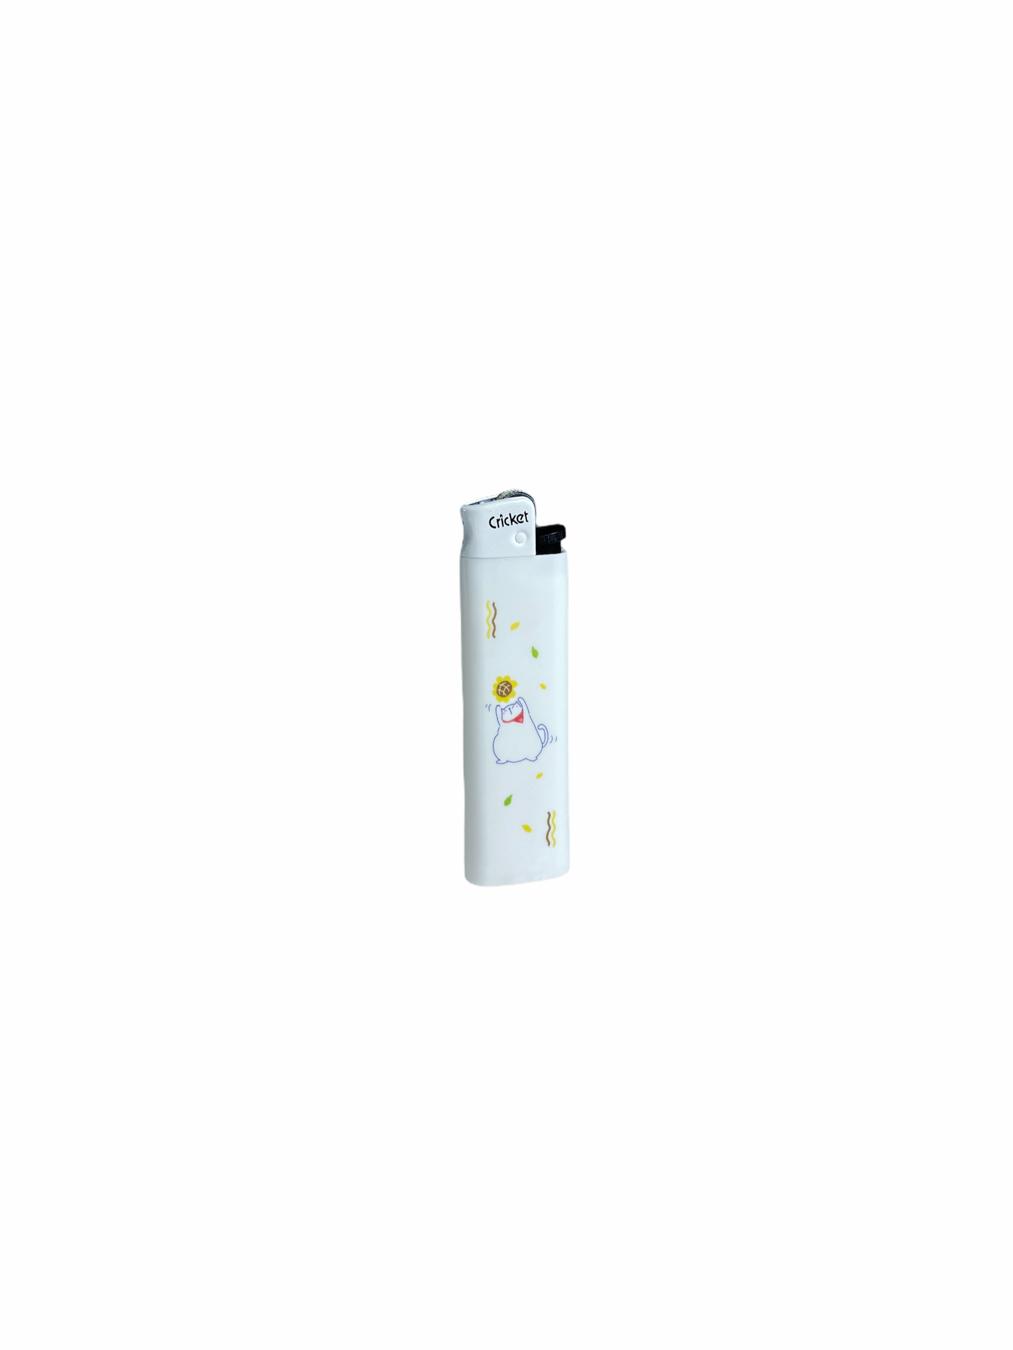 Sneakarette Sunflower Lighter